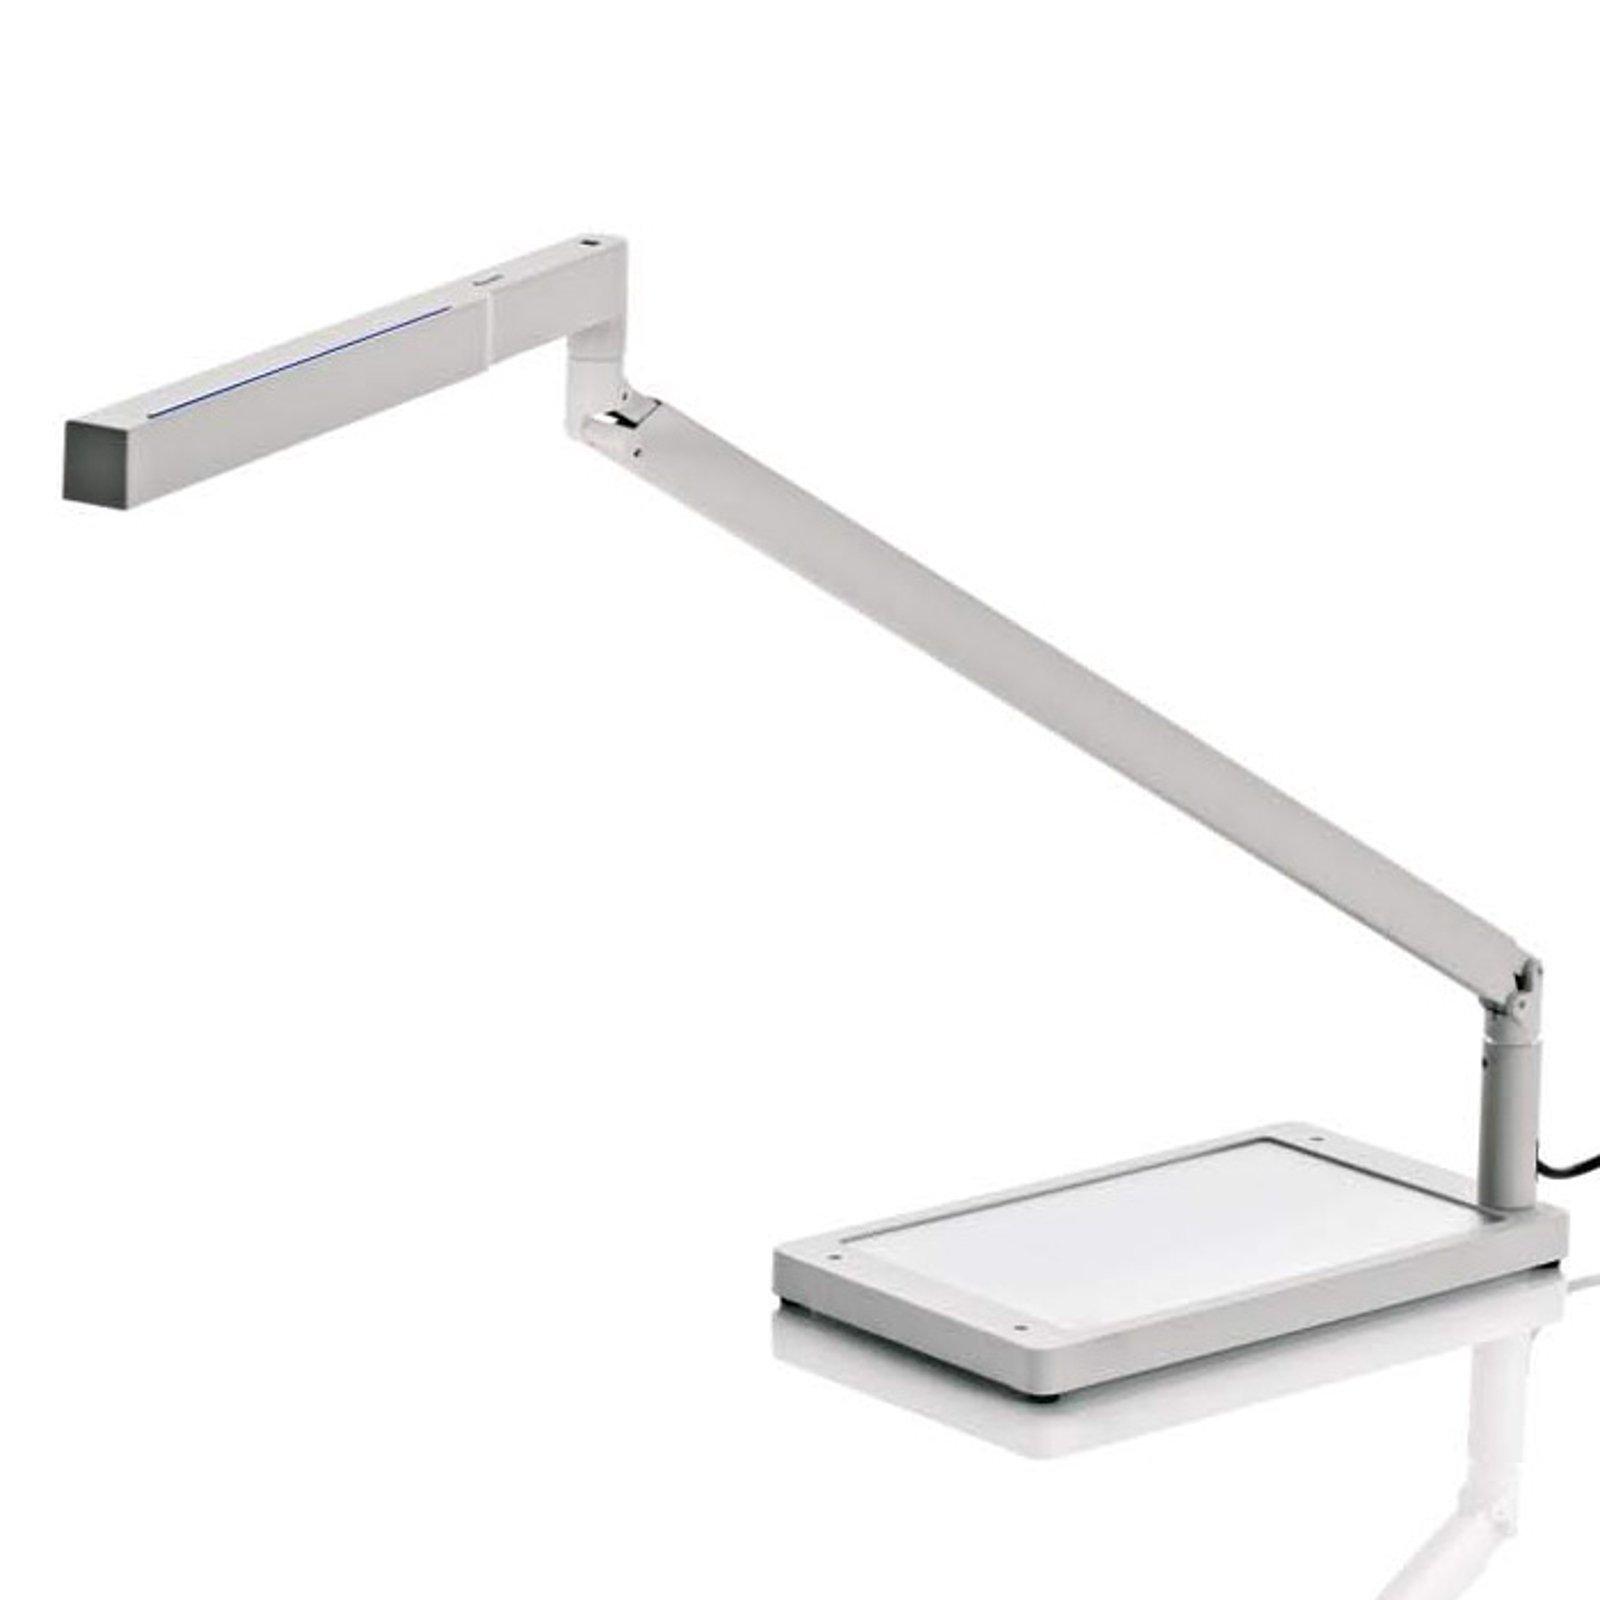 Dimmbar LED-bordlampe Bap